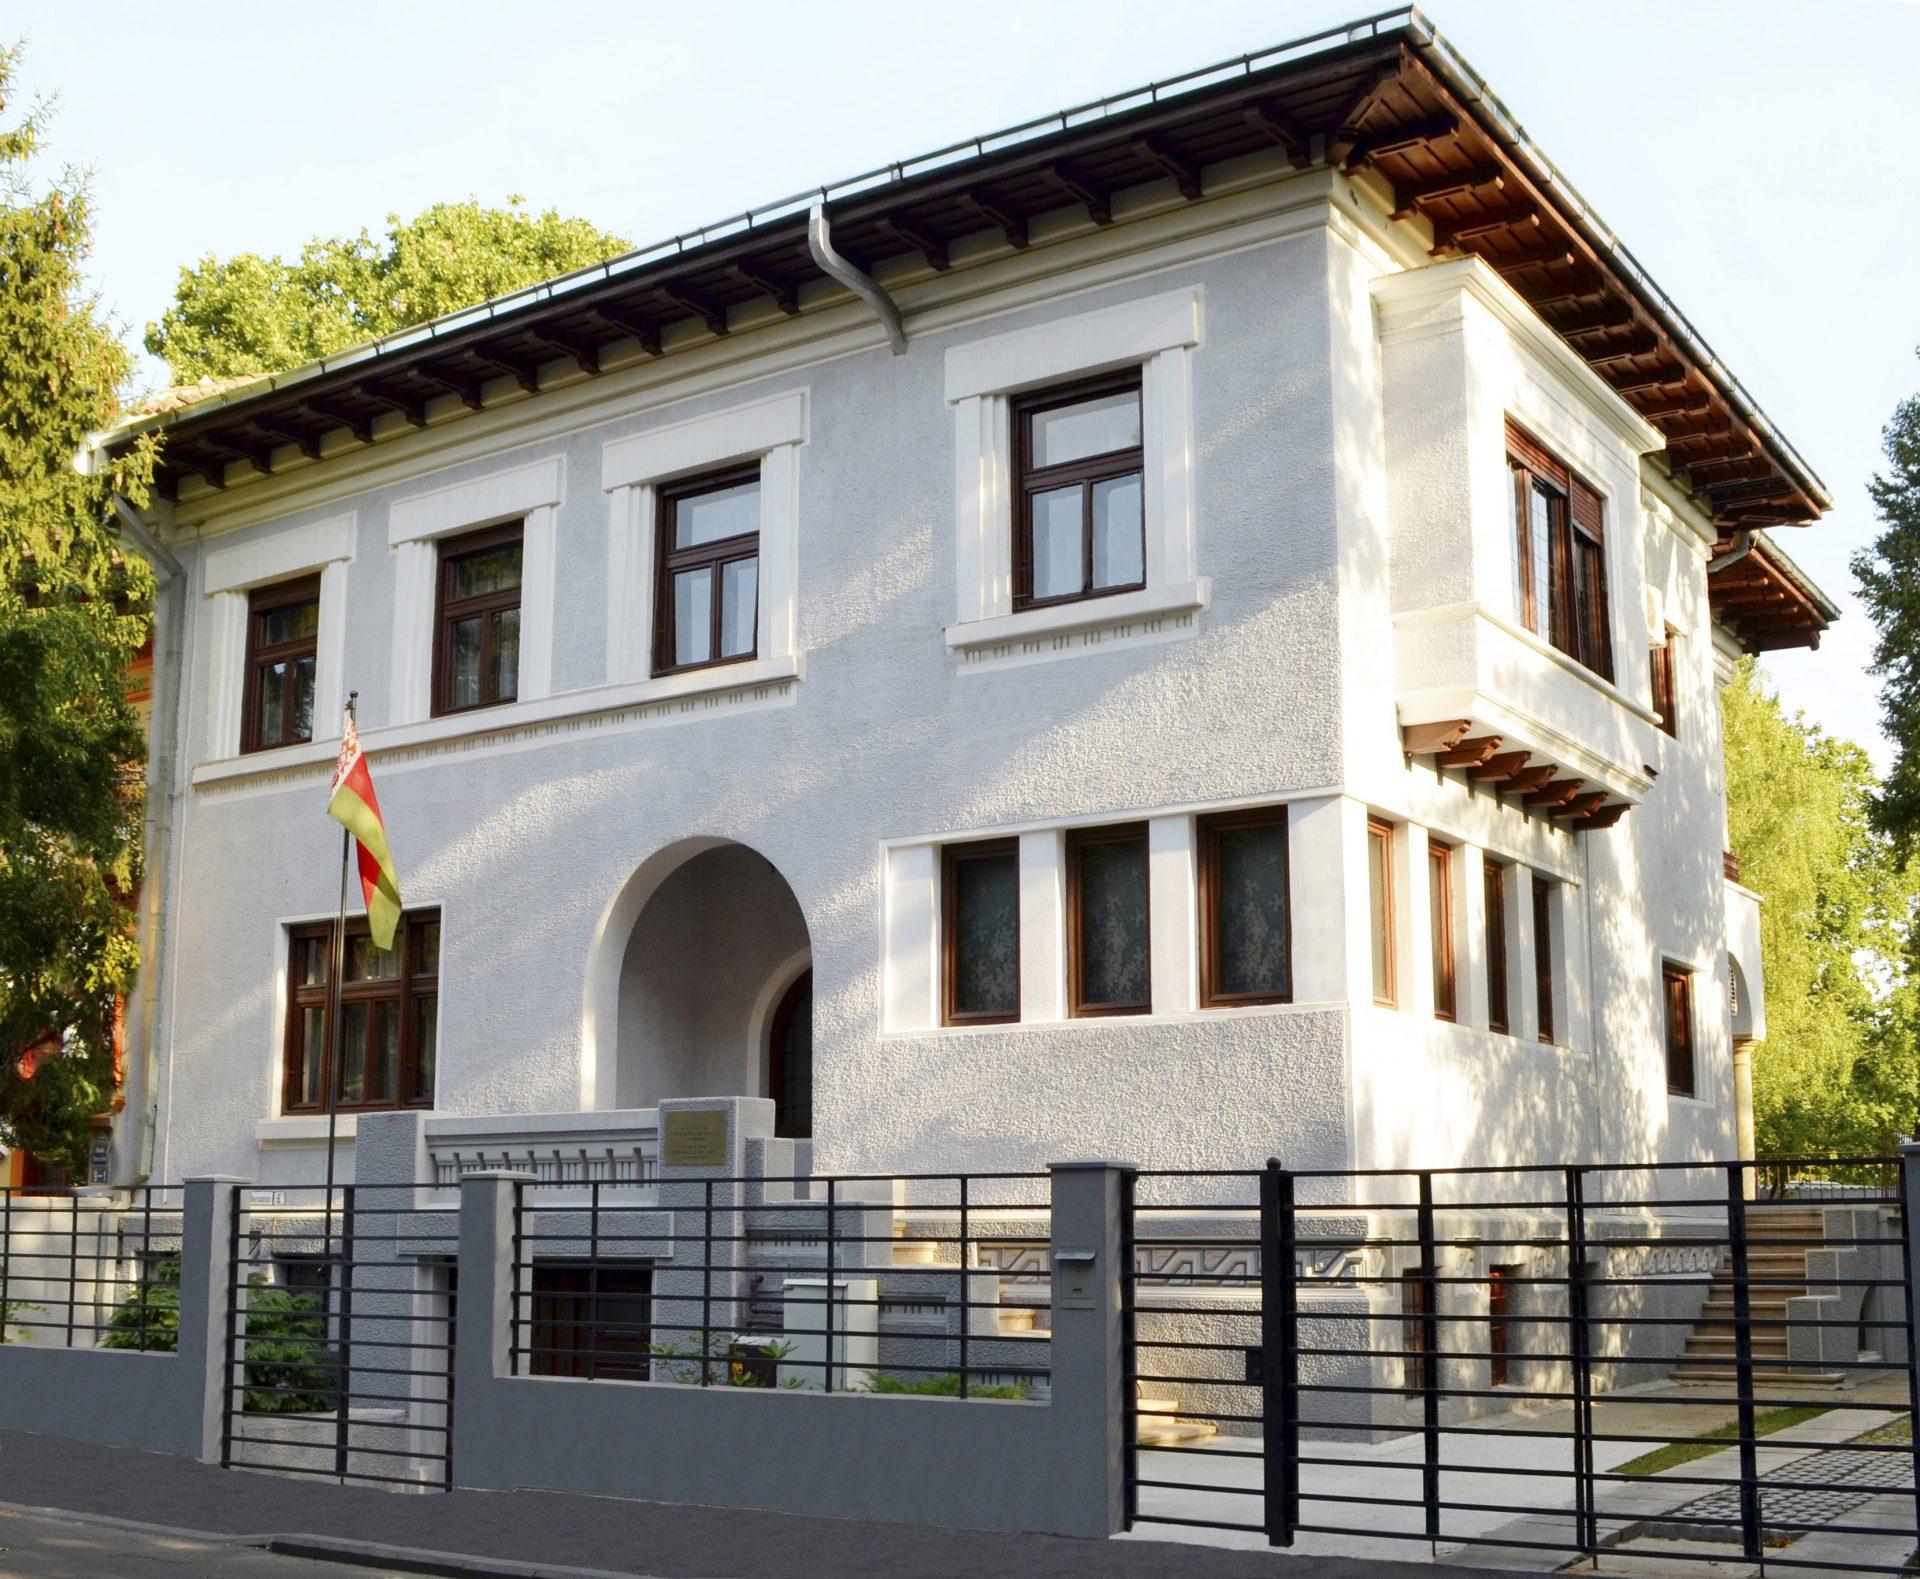 Redenumirea străzii pe care se află Ambasada Belarusului în România după jurnalistul Protasevici, un semnal sau o bătaie de cap?